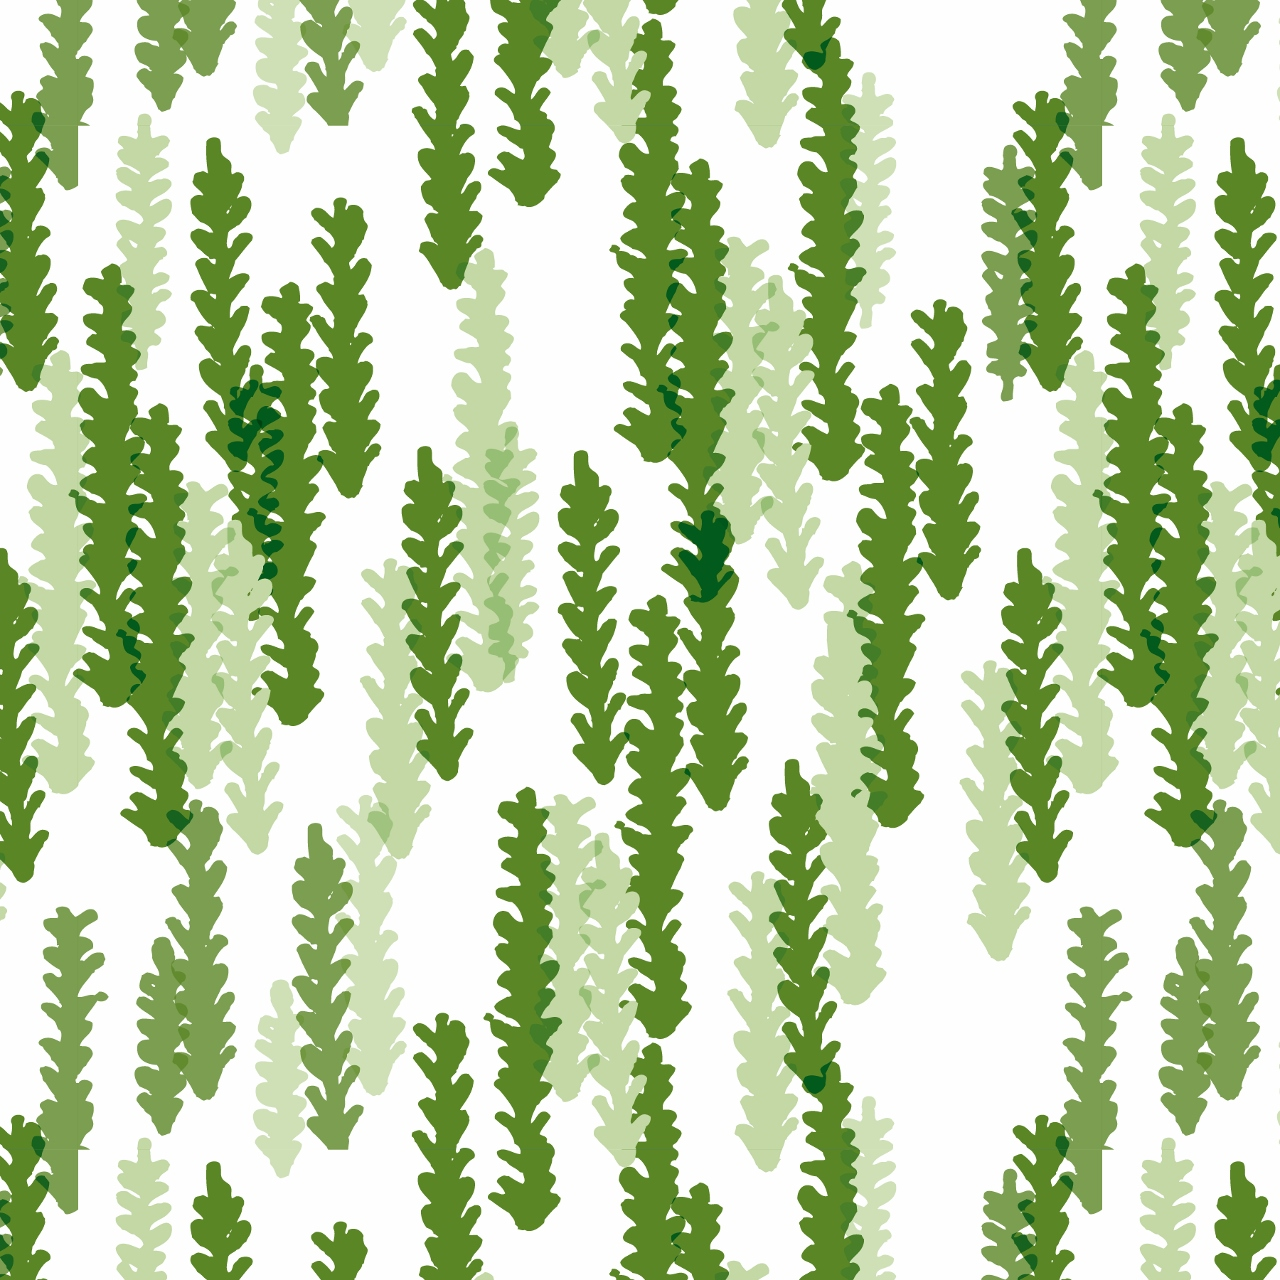 Herbalist Patterns Color 2-07 (1280x1280).jpg